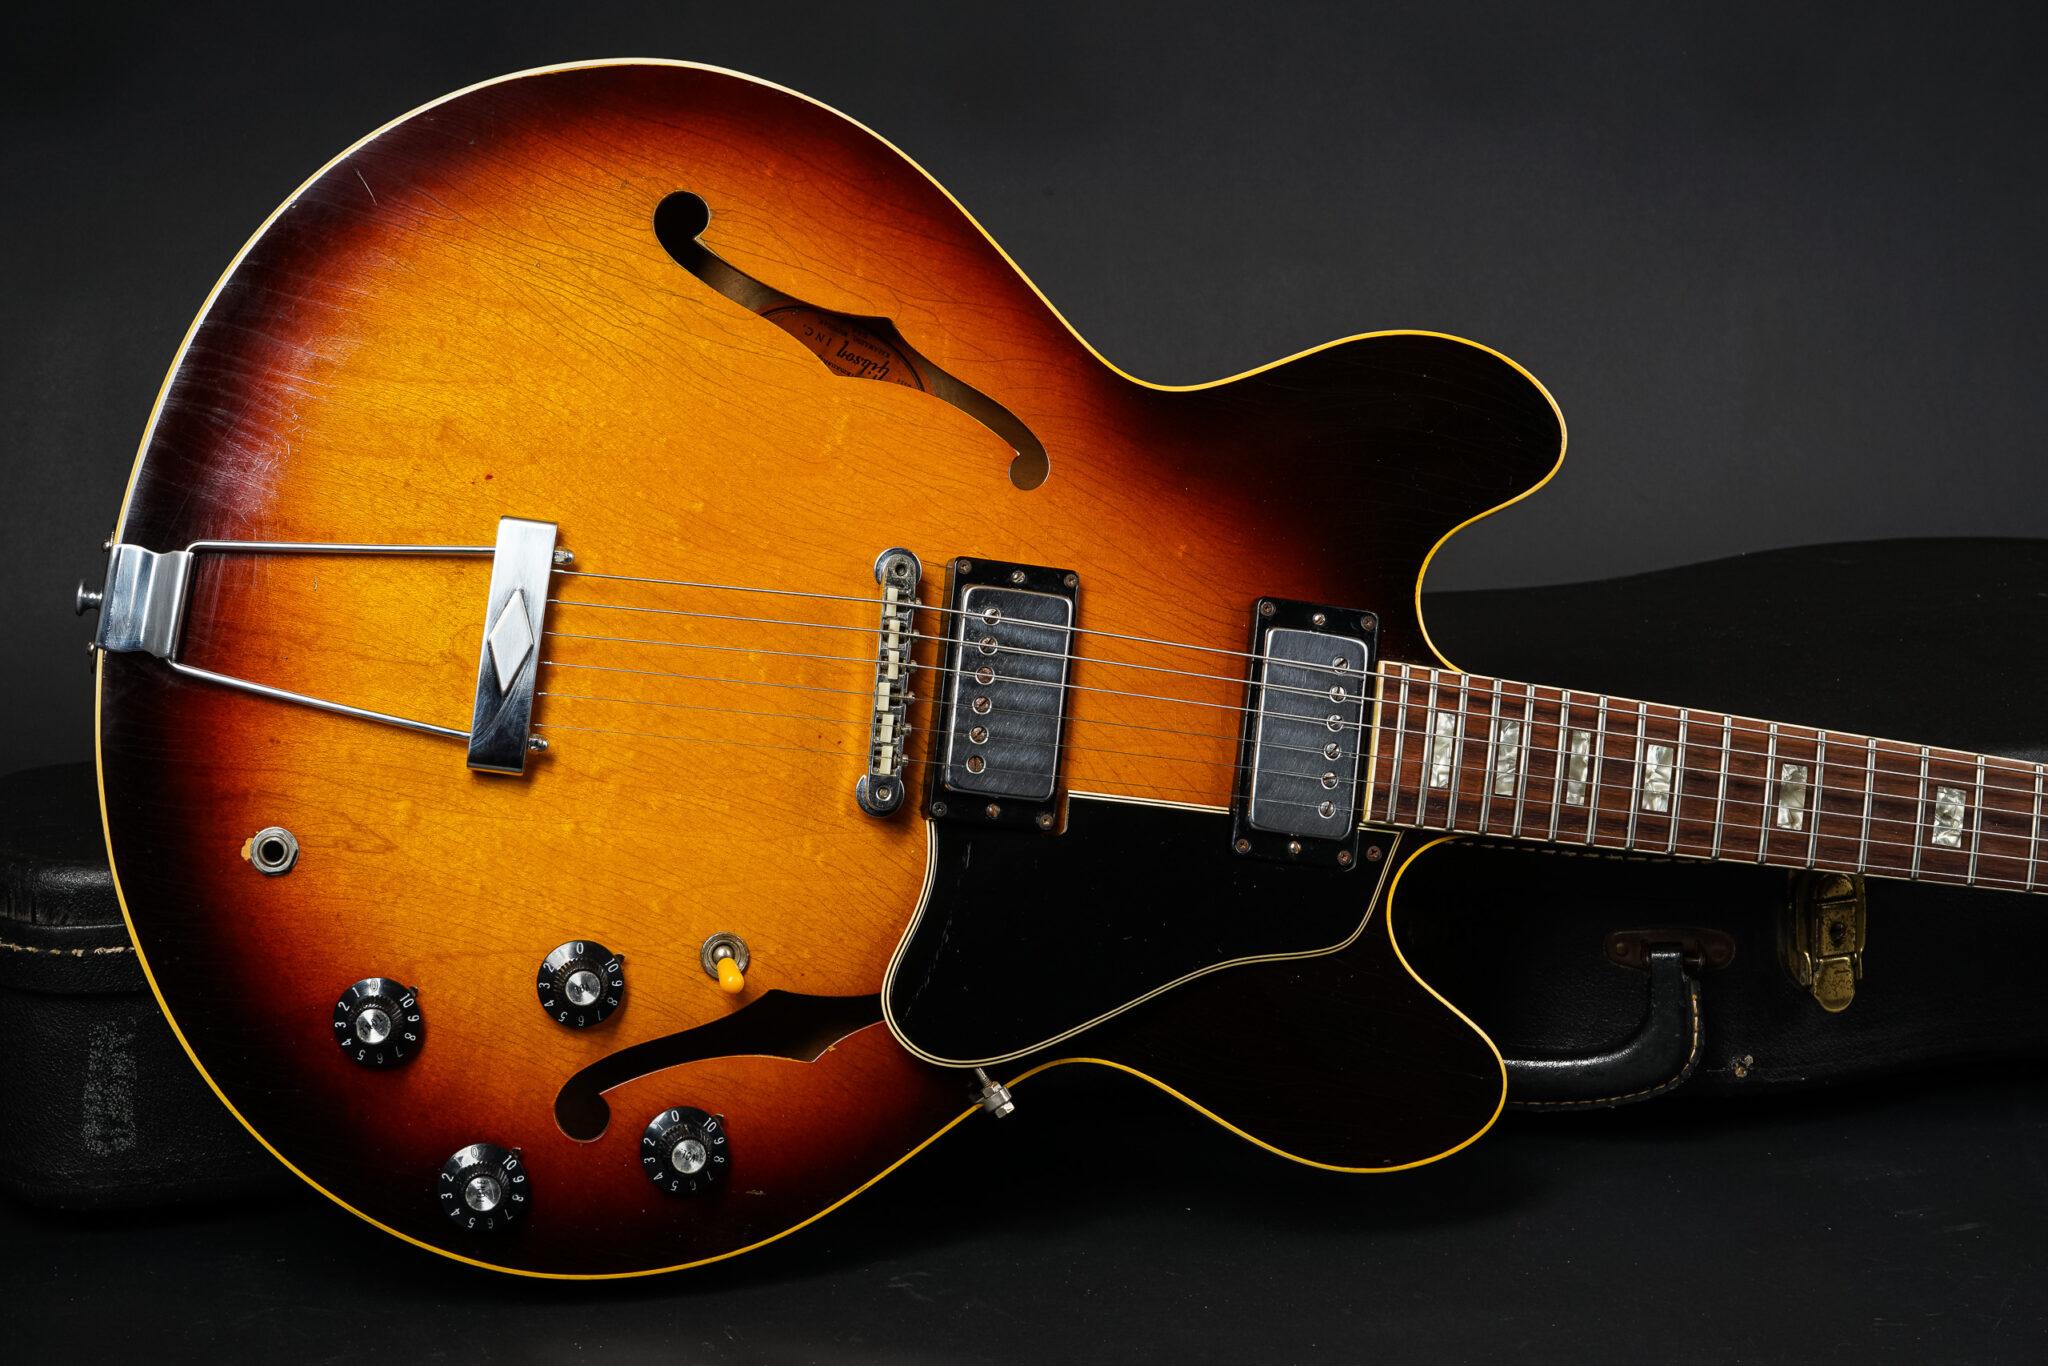 https://guitarpoint.de/app/uploads/products/1968-gibson-es-335-td-sunburst-3/1968-Gibson-ES-335TD-Sunburst-920817-7-2048x1366.jpg